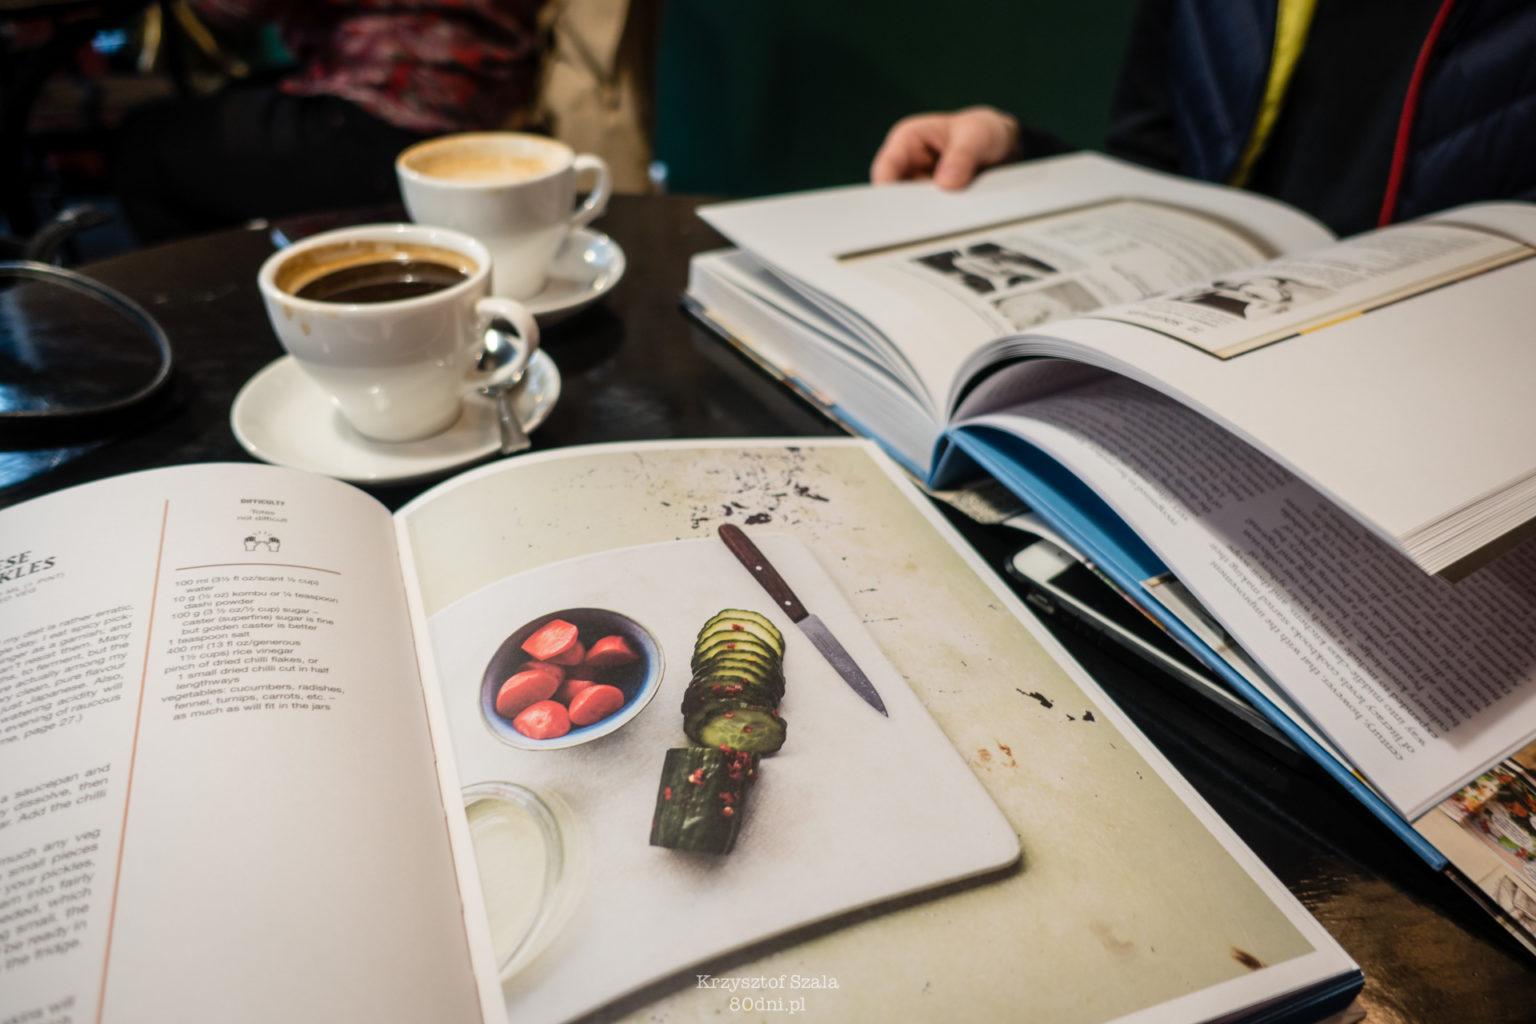 Zdjęcie książek kulinarnych i kawy.